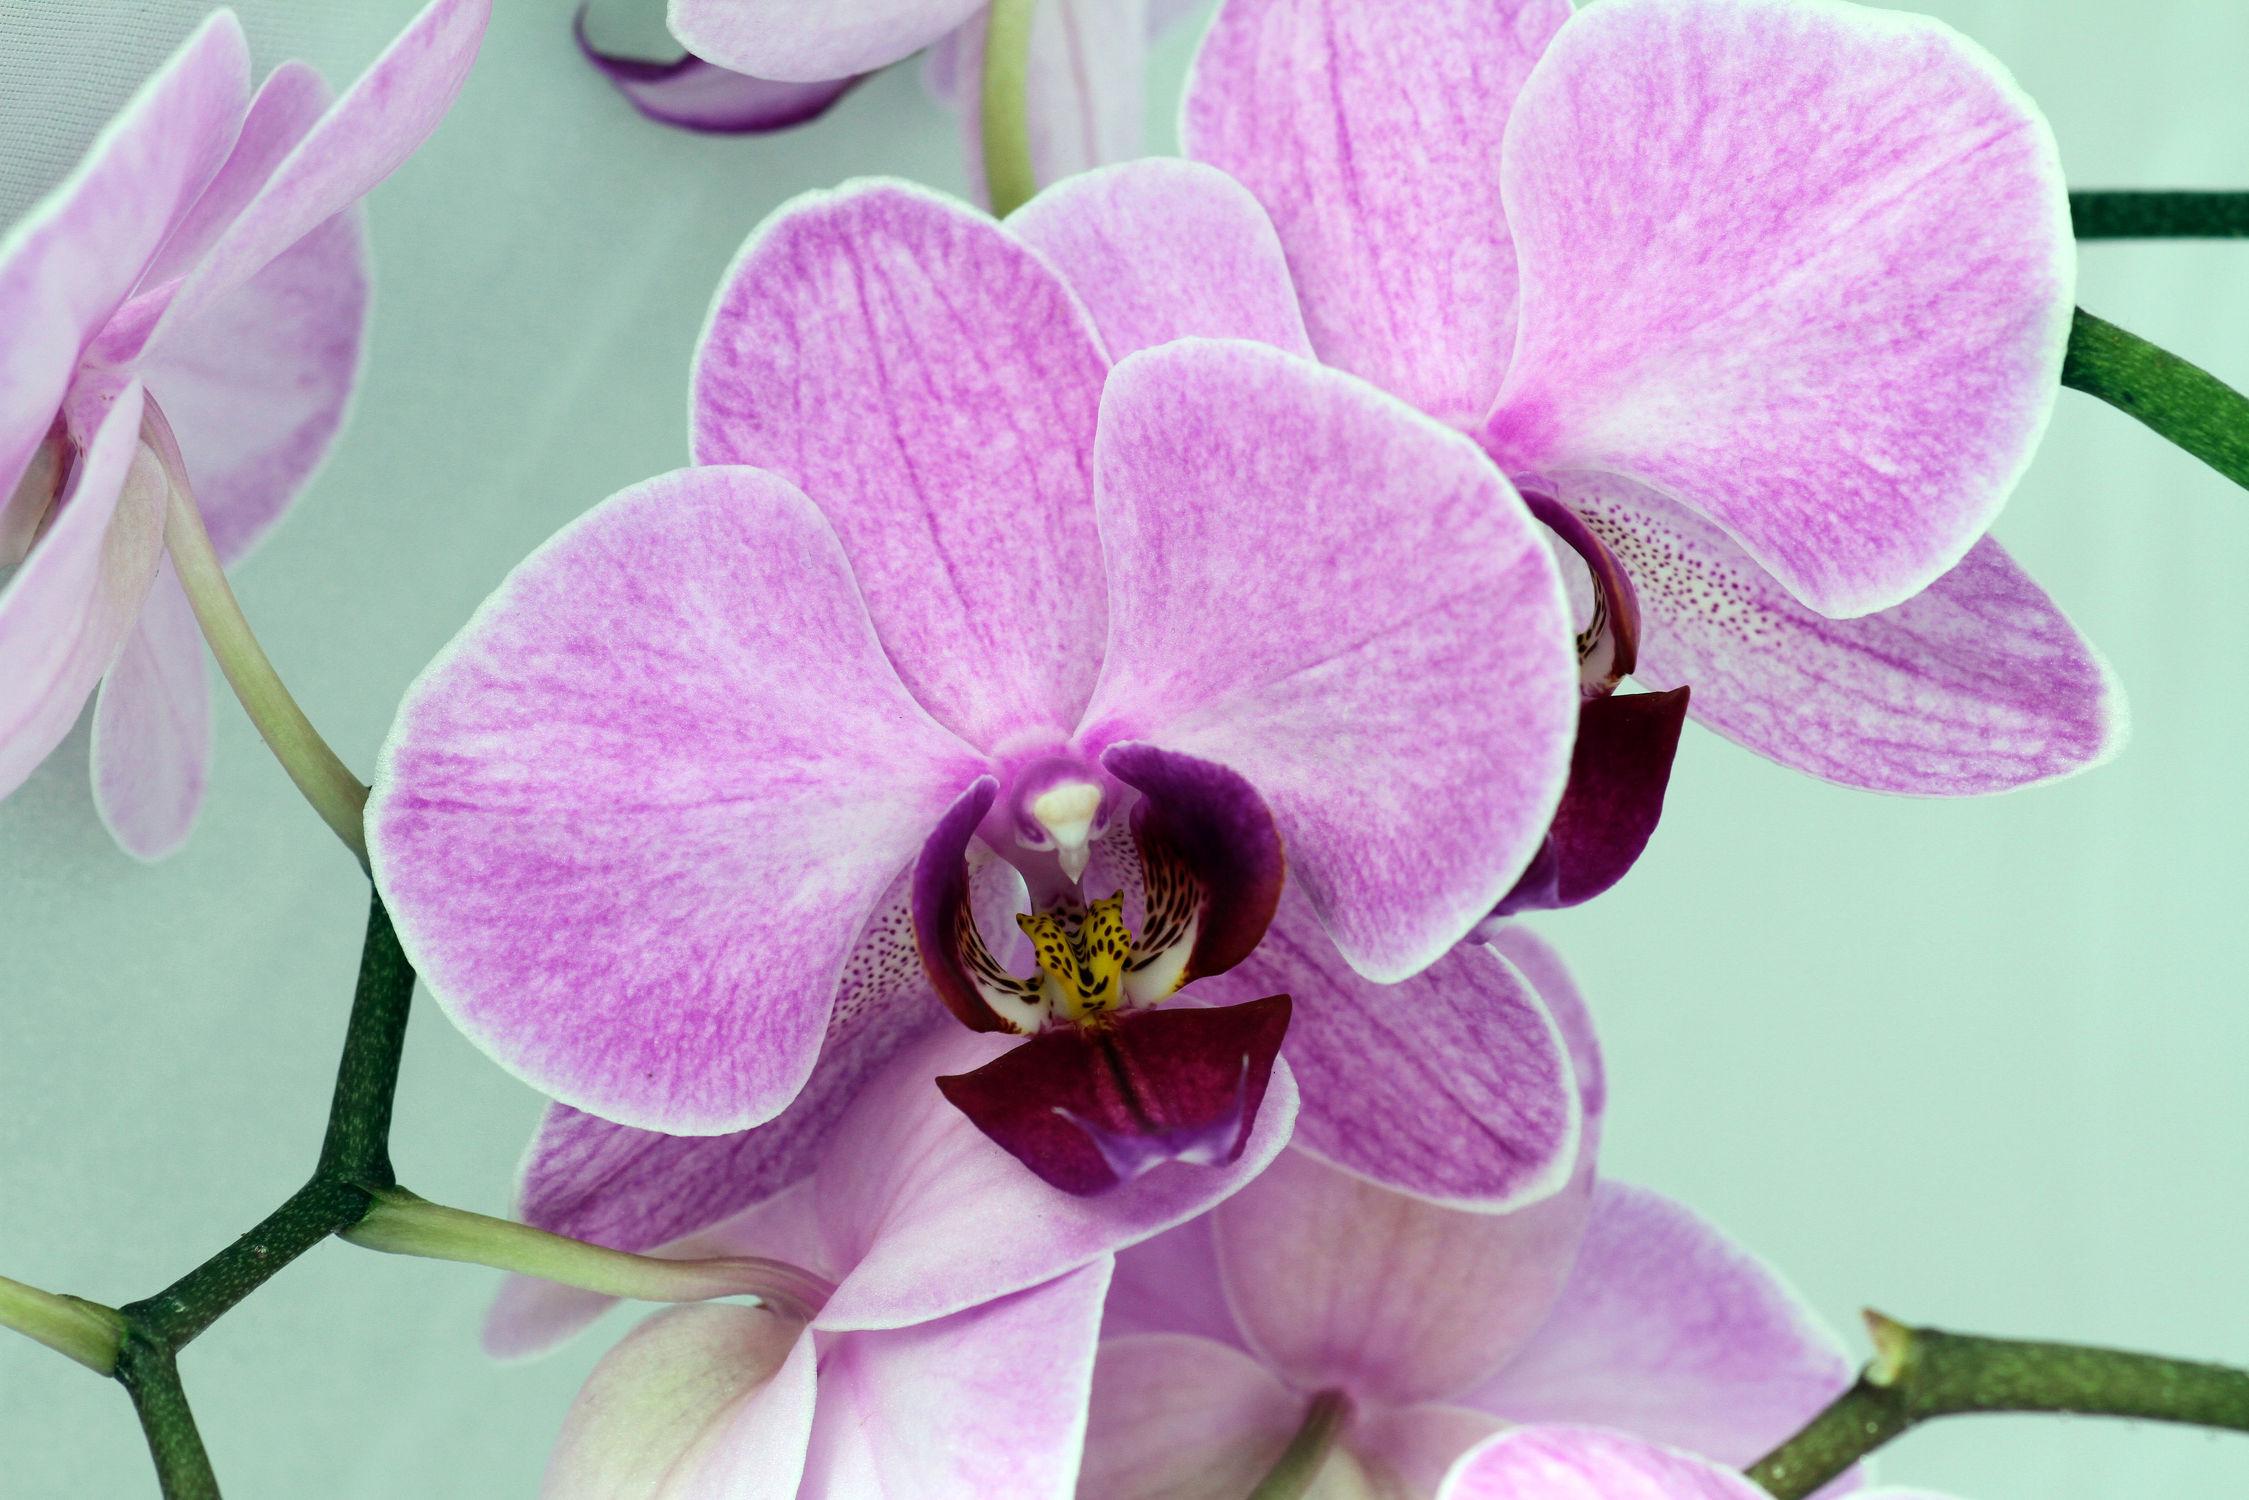 Bild mit Pflanzen, Blumen, Orchideen, Blume, Orchidee, Pflanze, Makro, Makros